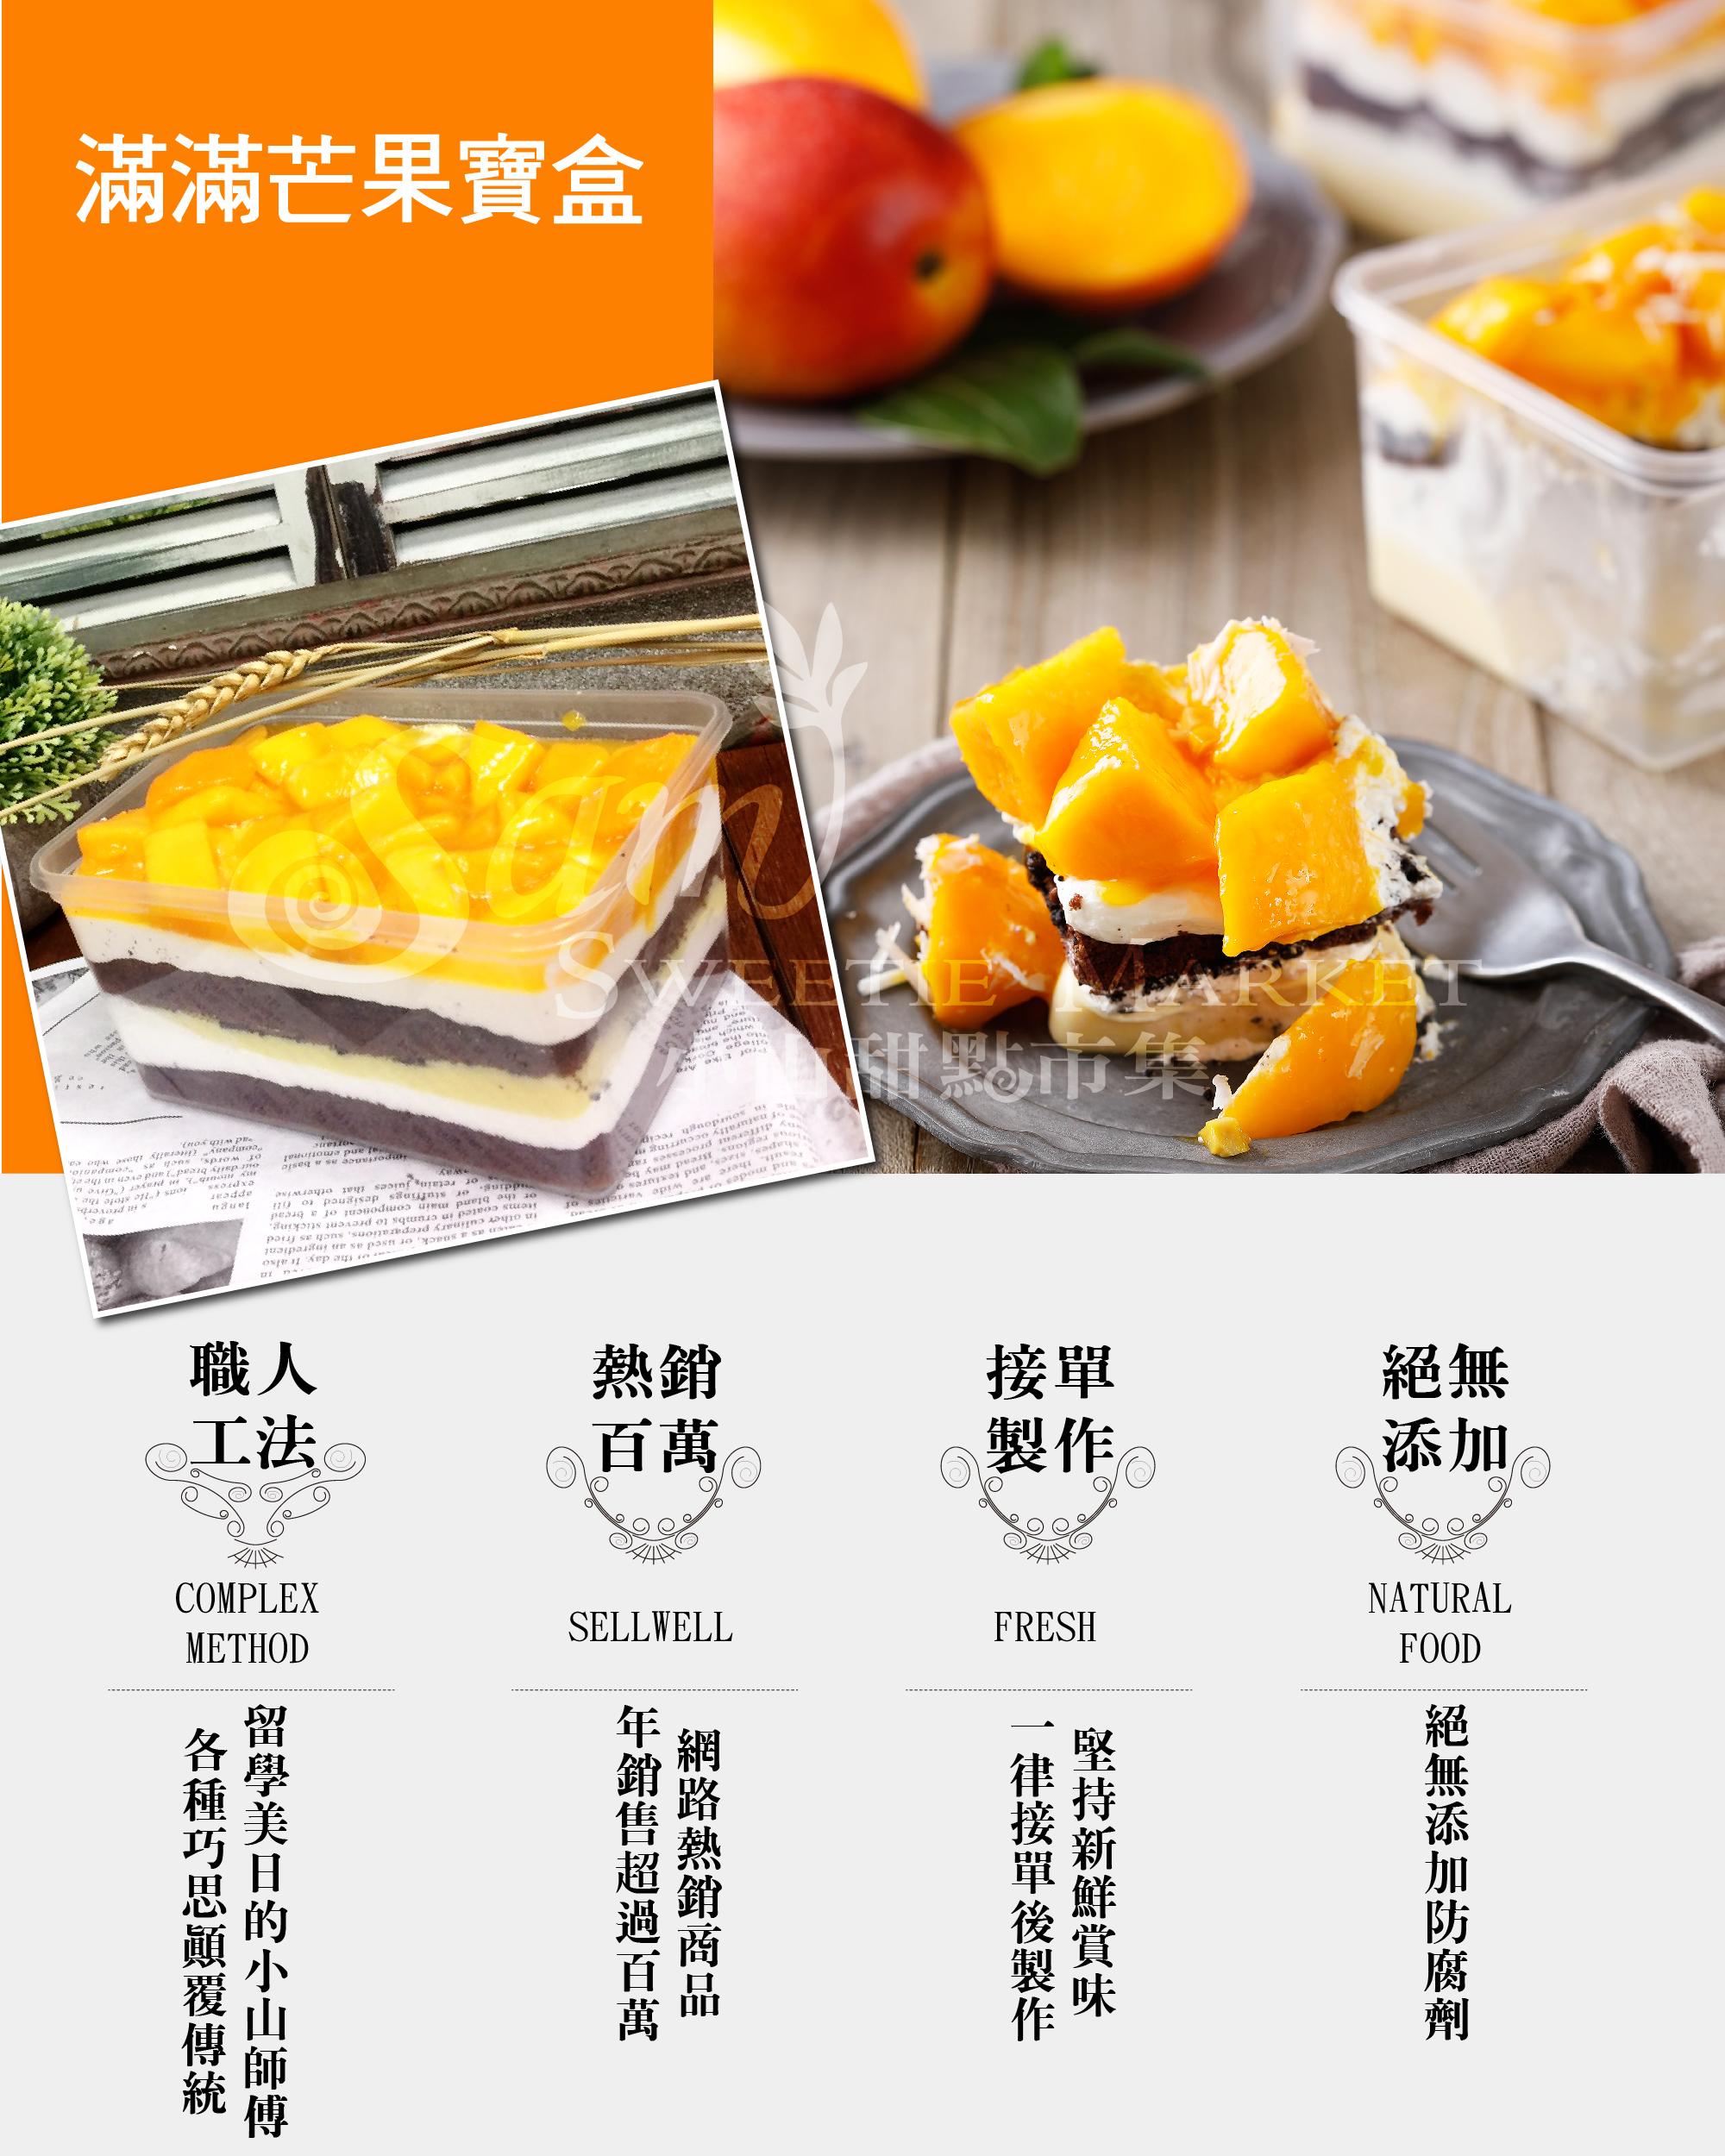 小山甜點市集 - 滿滿芒果寶盒 蛋糕,甜點,網購,甜點